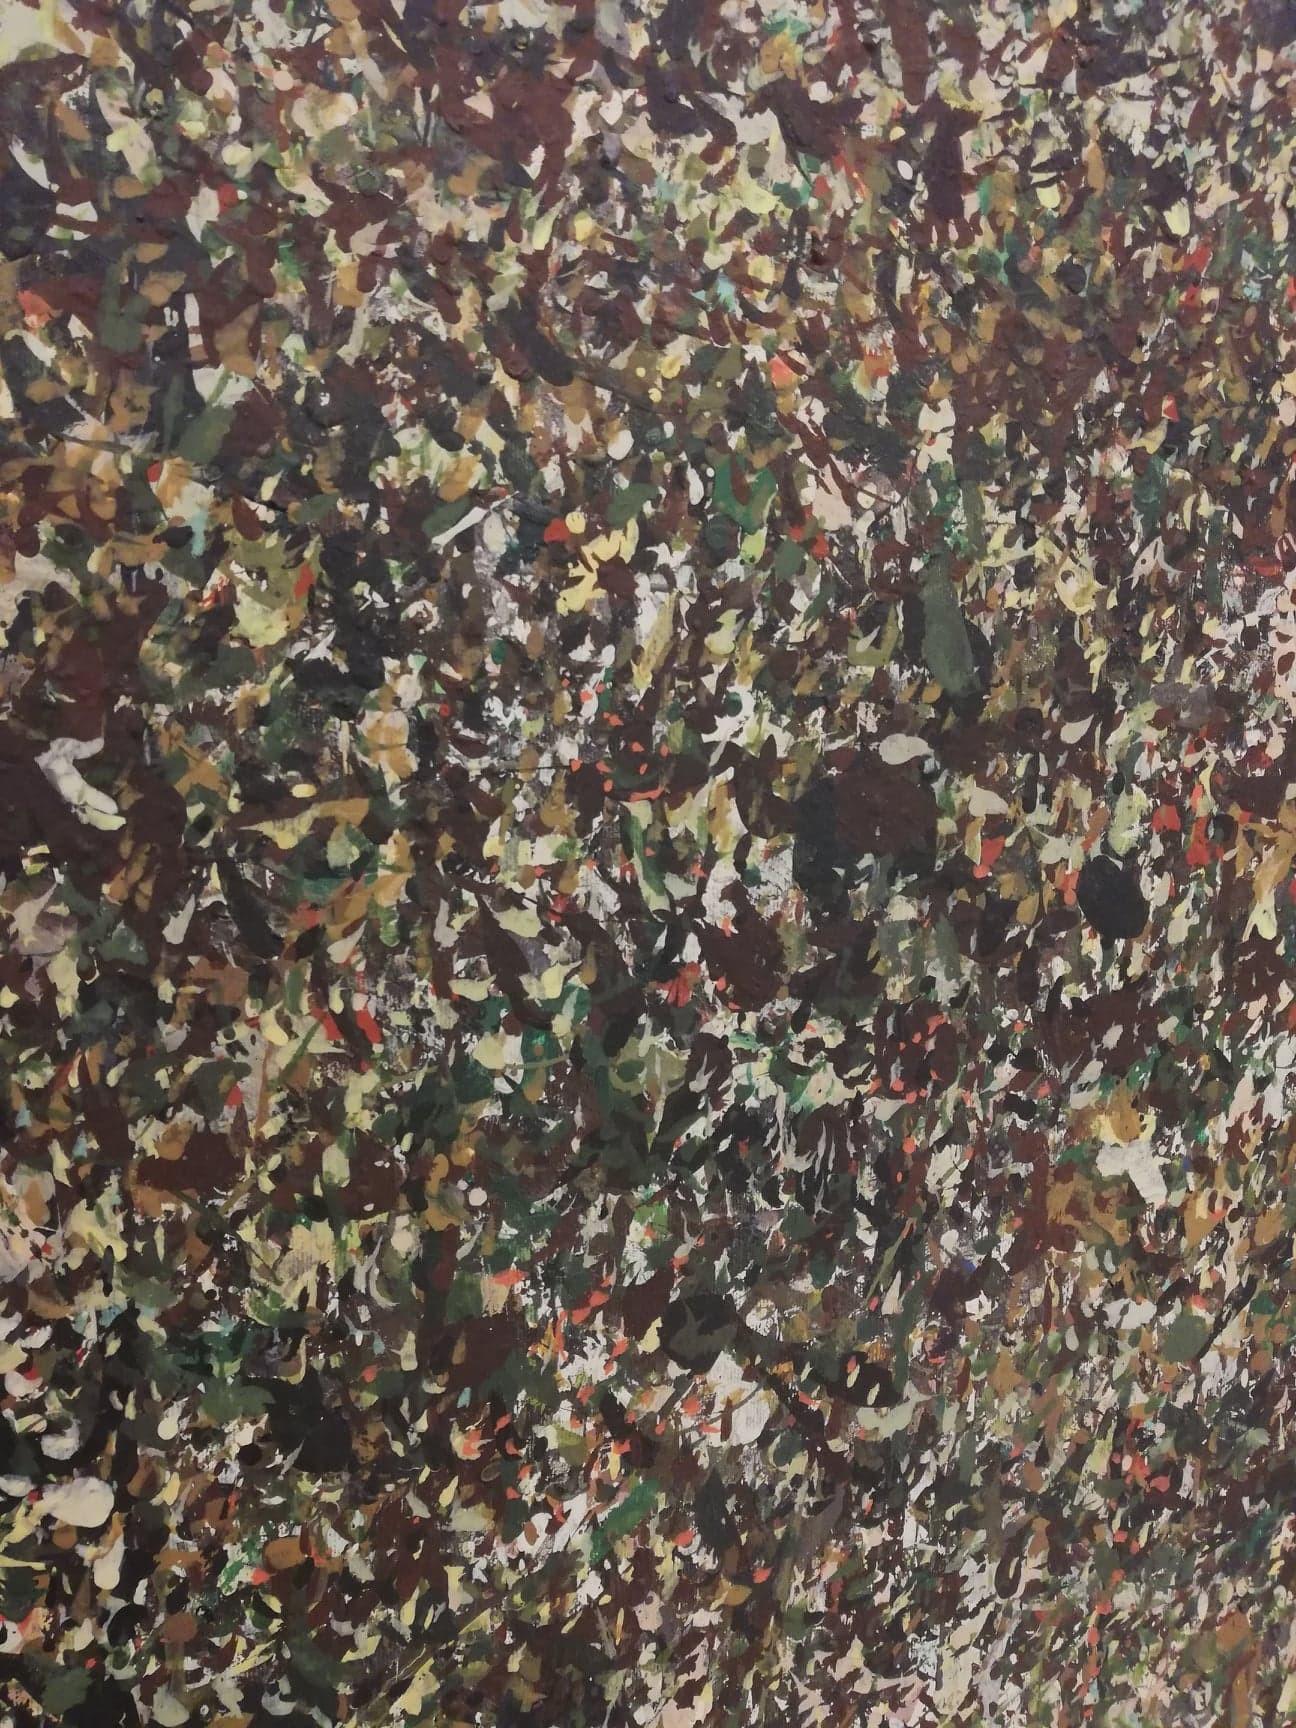 contemporary-art-museum-8da64b680580ef4a